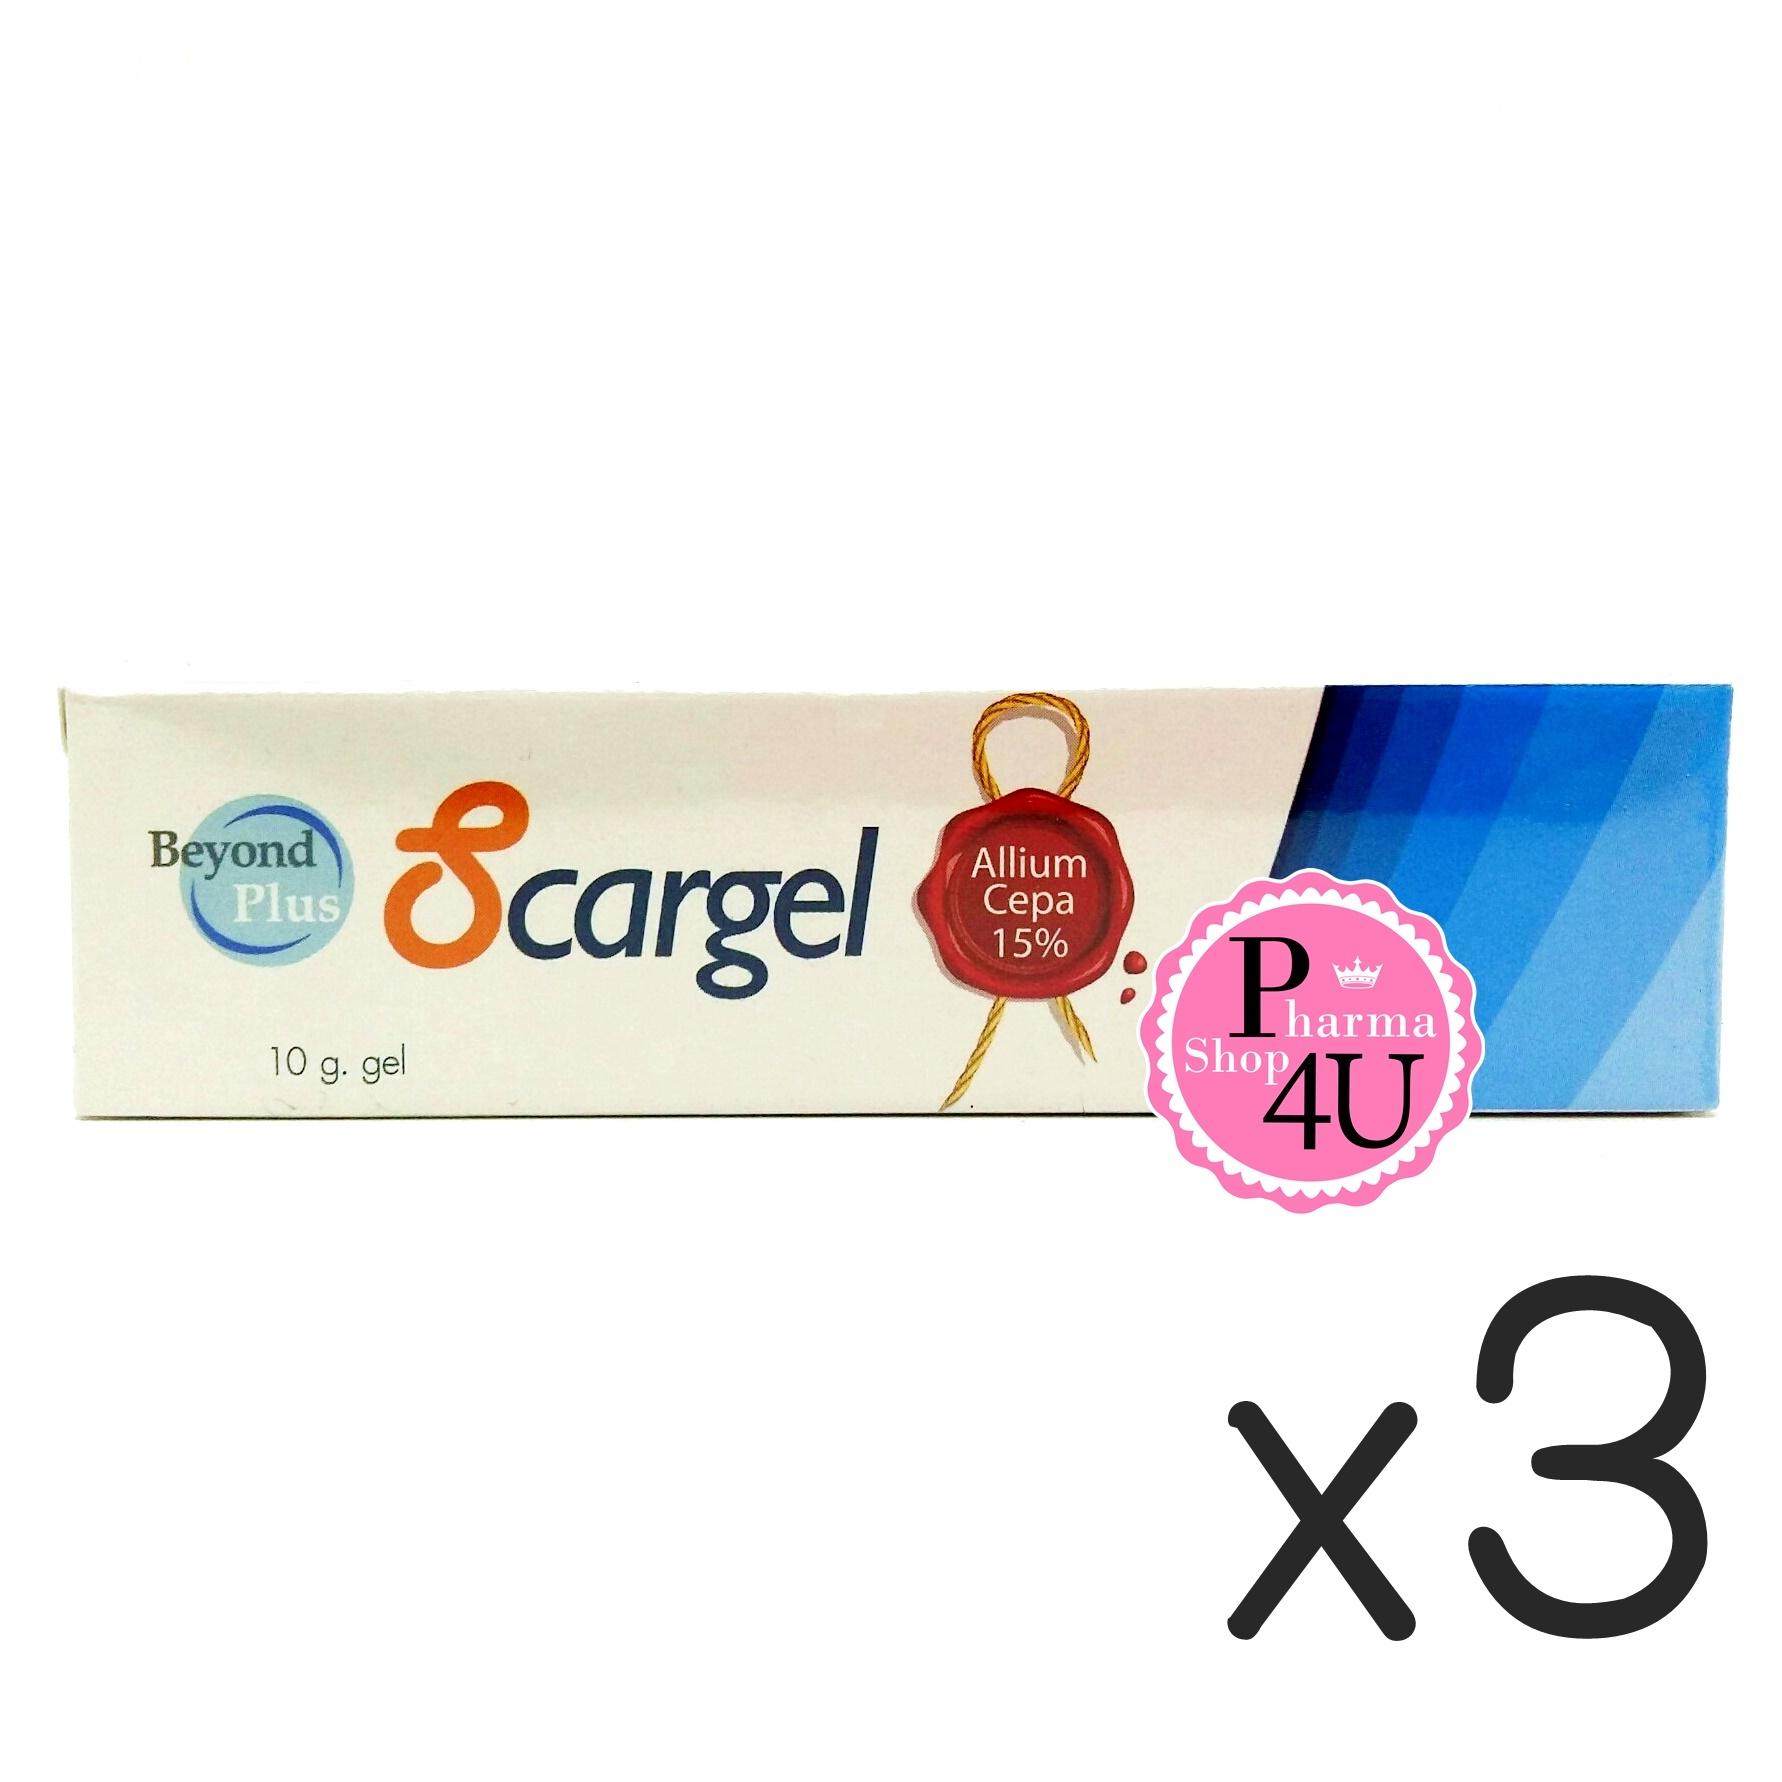 (ซื้อ3 ราคาพิเศษ) Beyond Plus Scargel เจลลบรอยแผลเป็น 10G บียอนด์ พลัส สการ์เจล ทำให้ รอยแผลเป็นแลดูจางลง